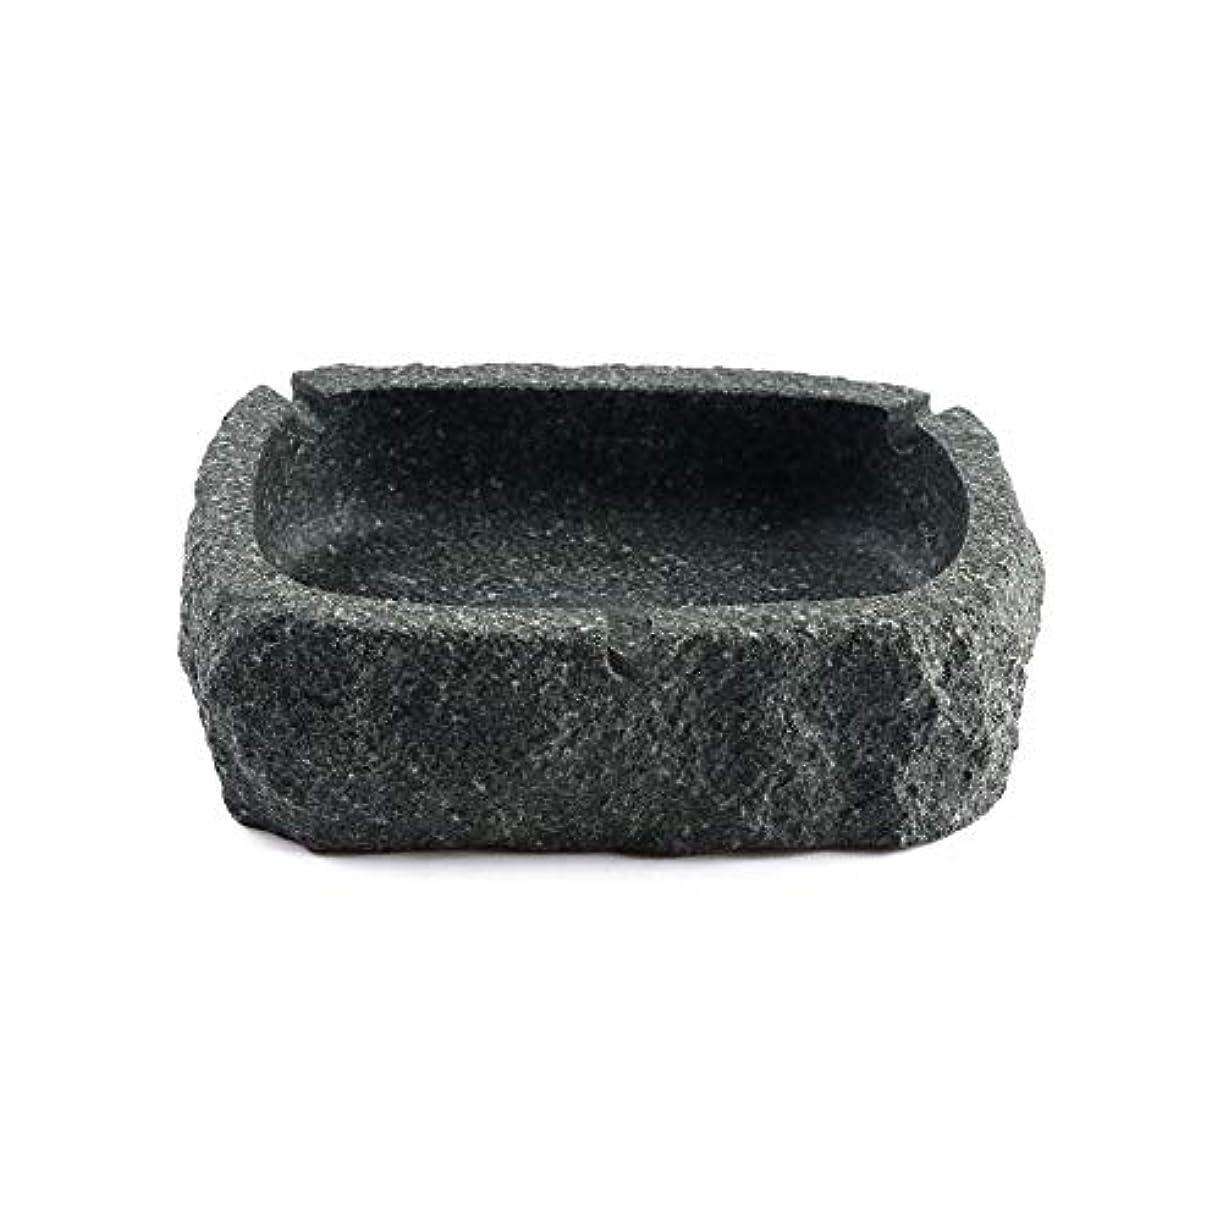 回転落胆する似ているパーフェクトブルーストーン灰皿ブラック灰皿